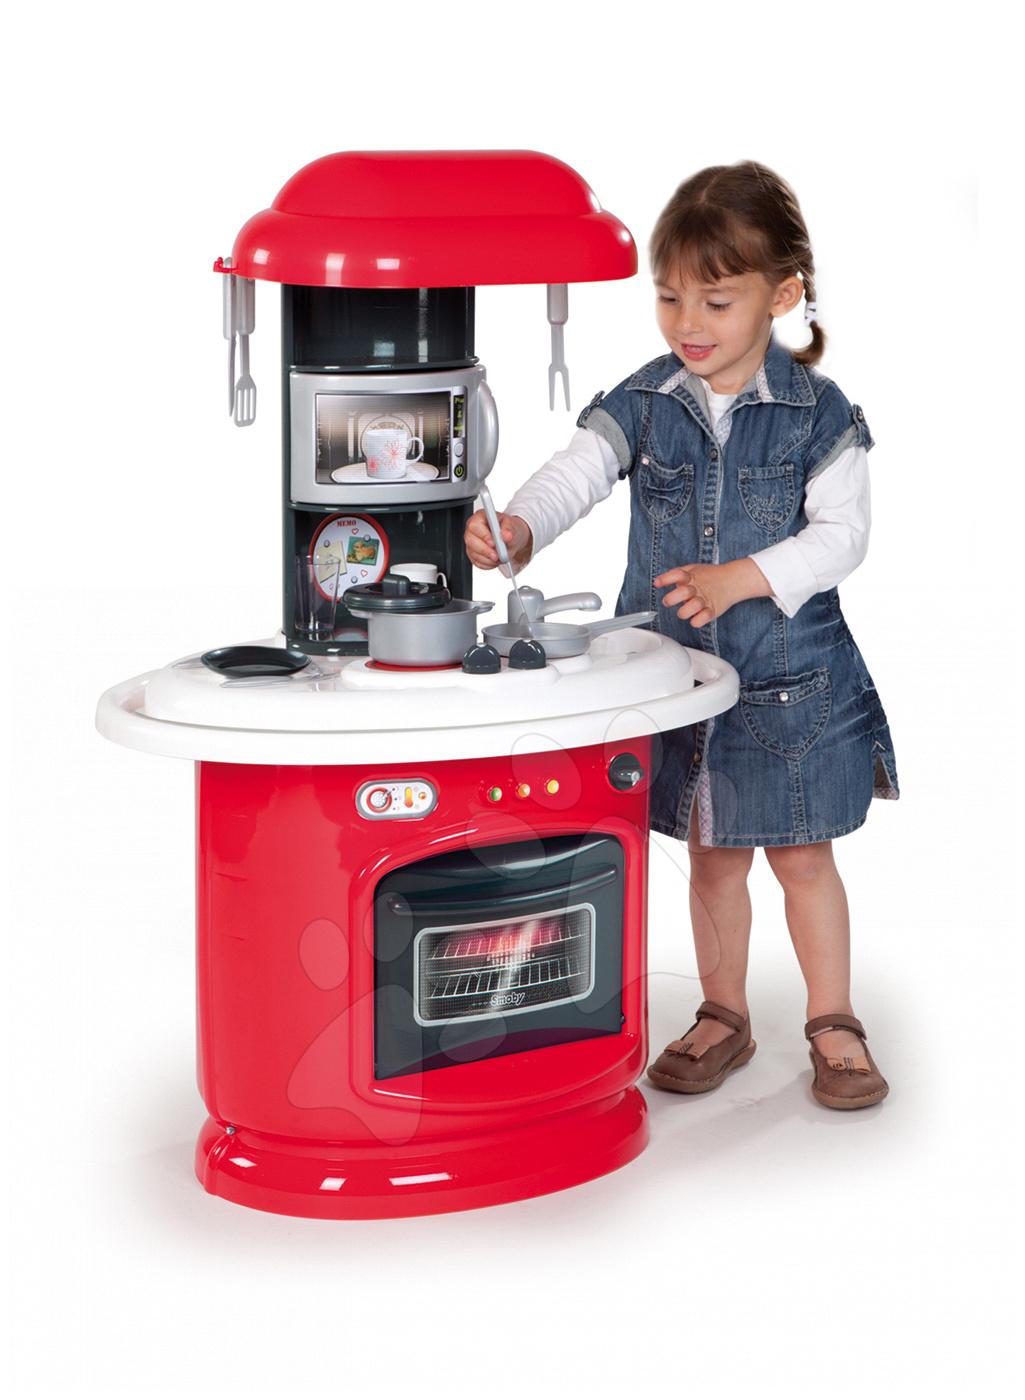 Obyčejné kuchyňky - Kuchyňka Berchet My Kitchen Smoby oboustranná s 21 doplňky červeno-bílá